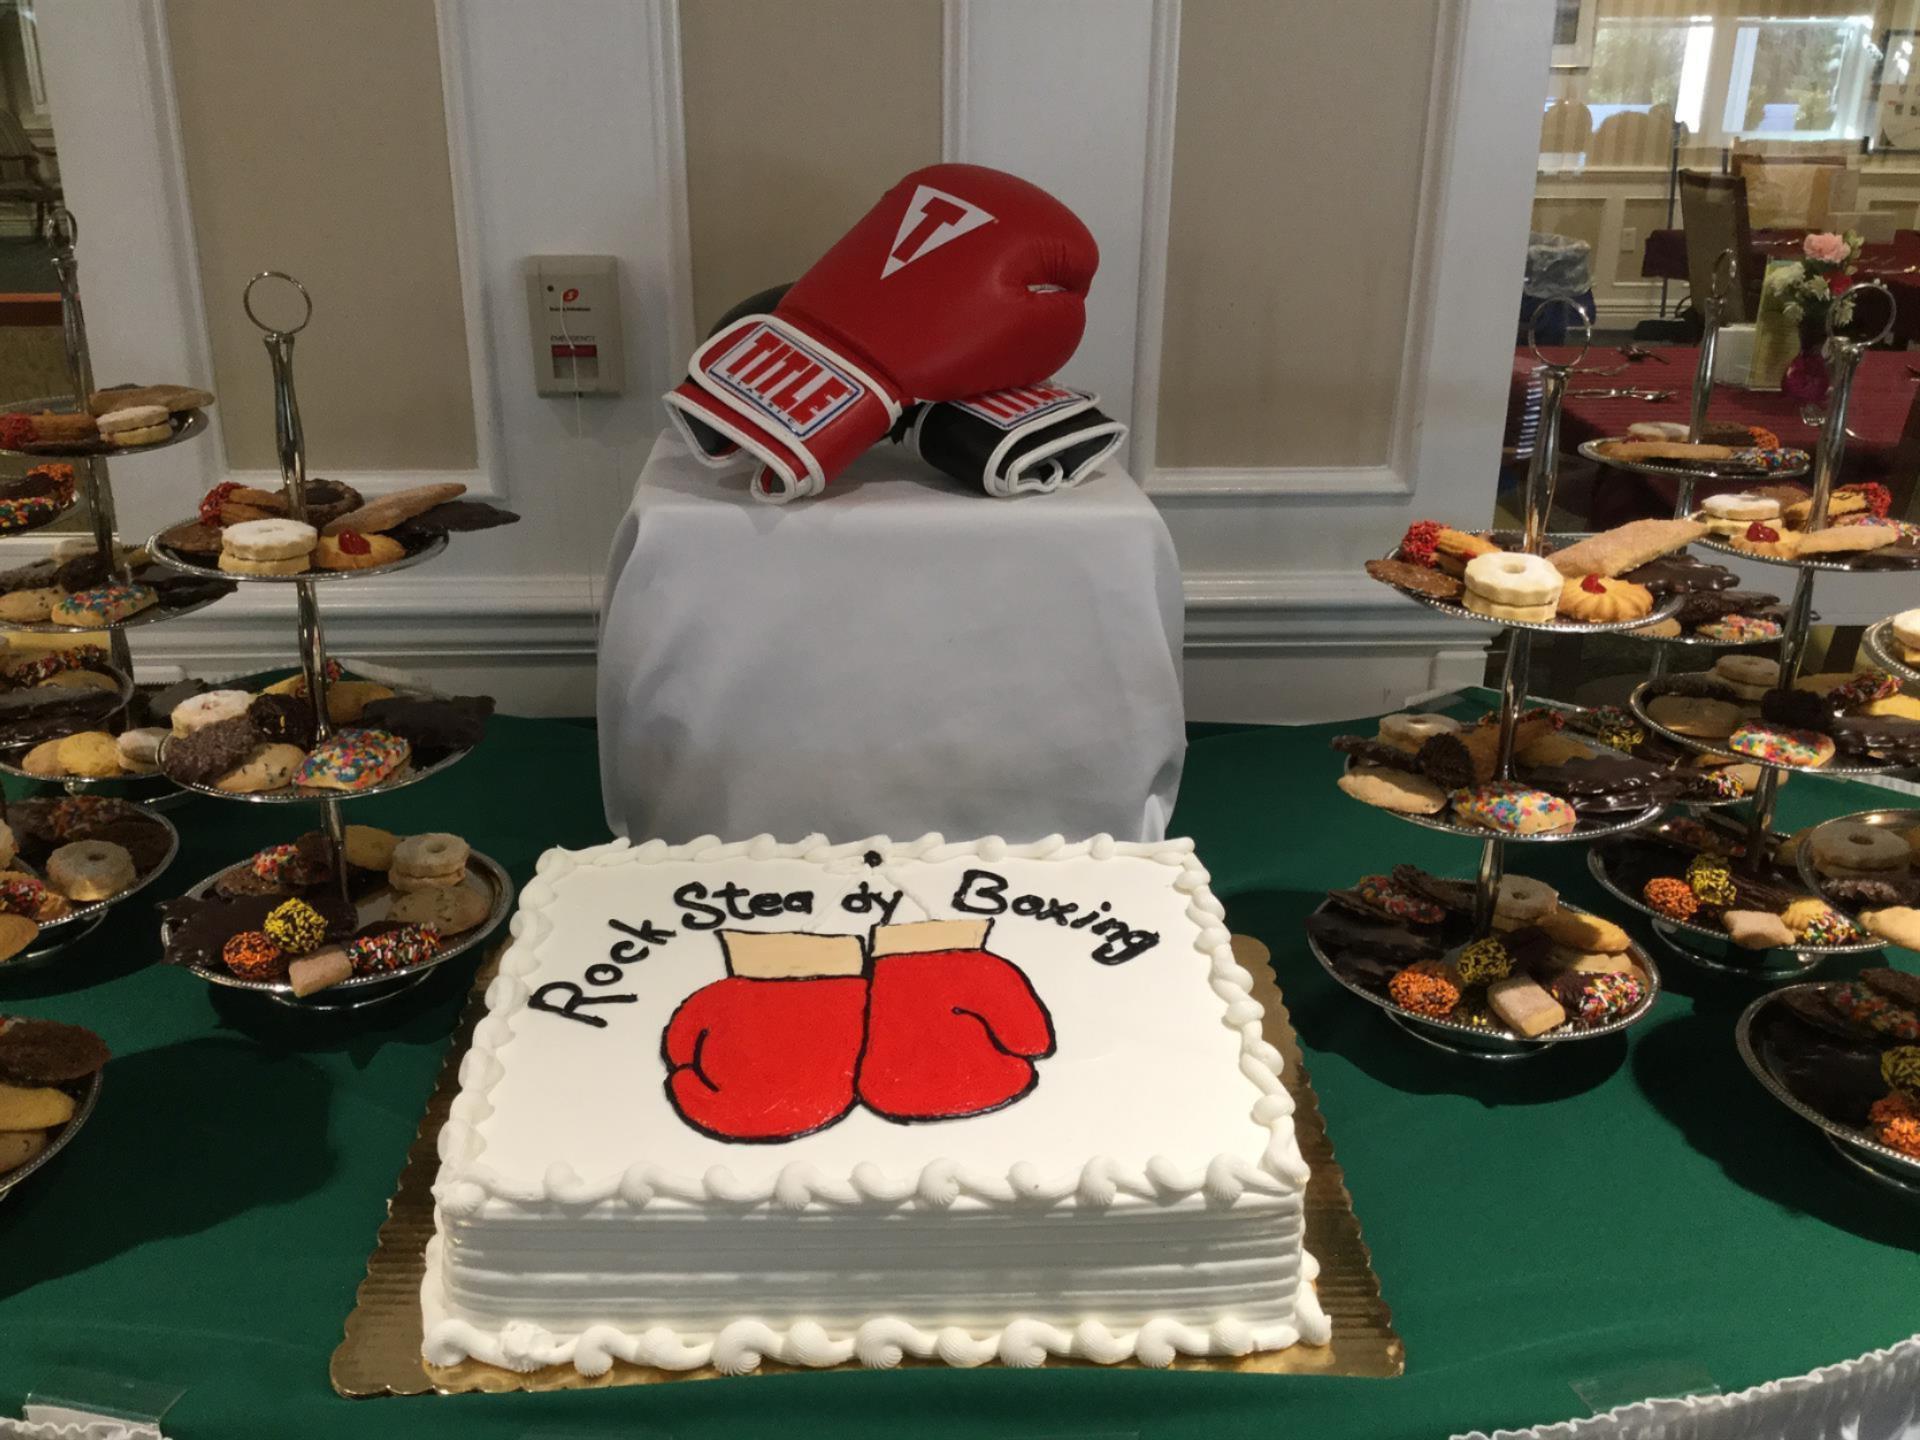 RSB cake